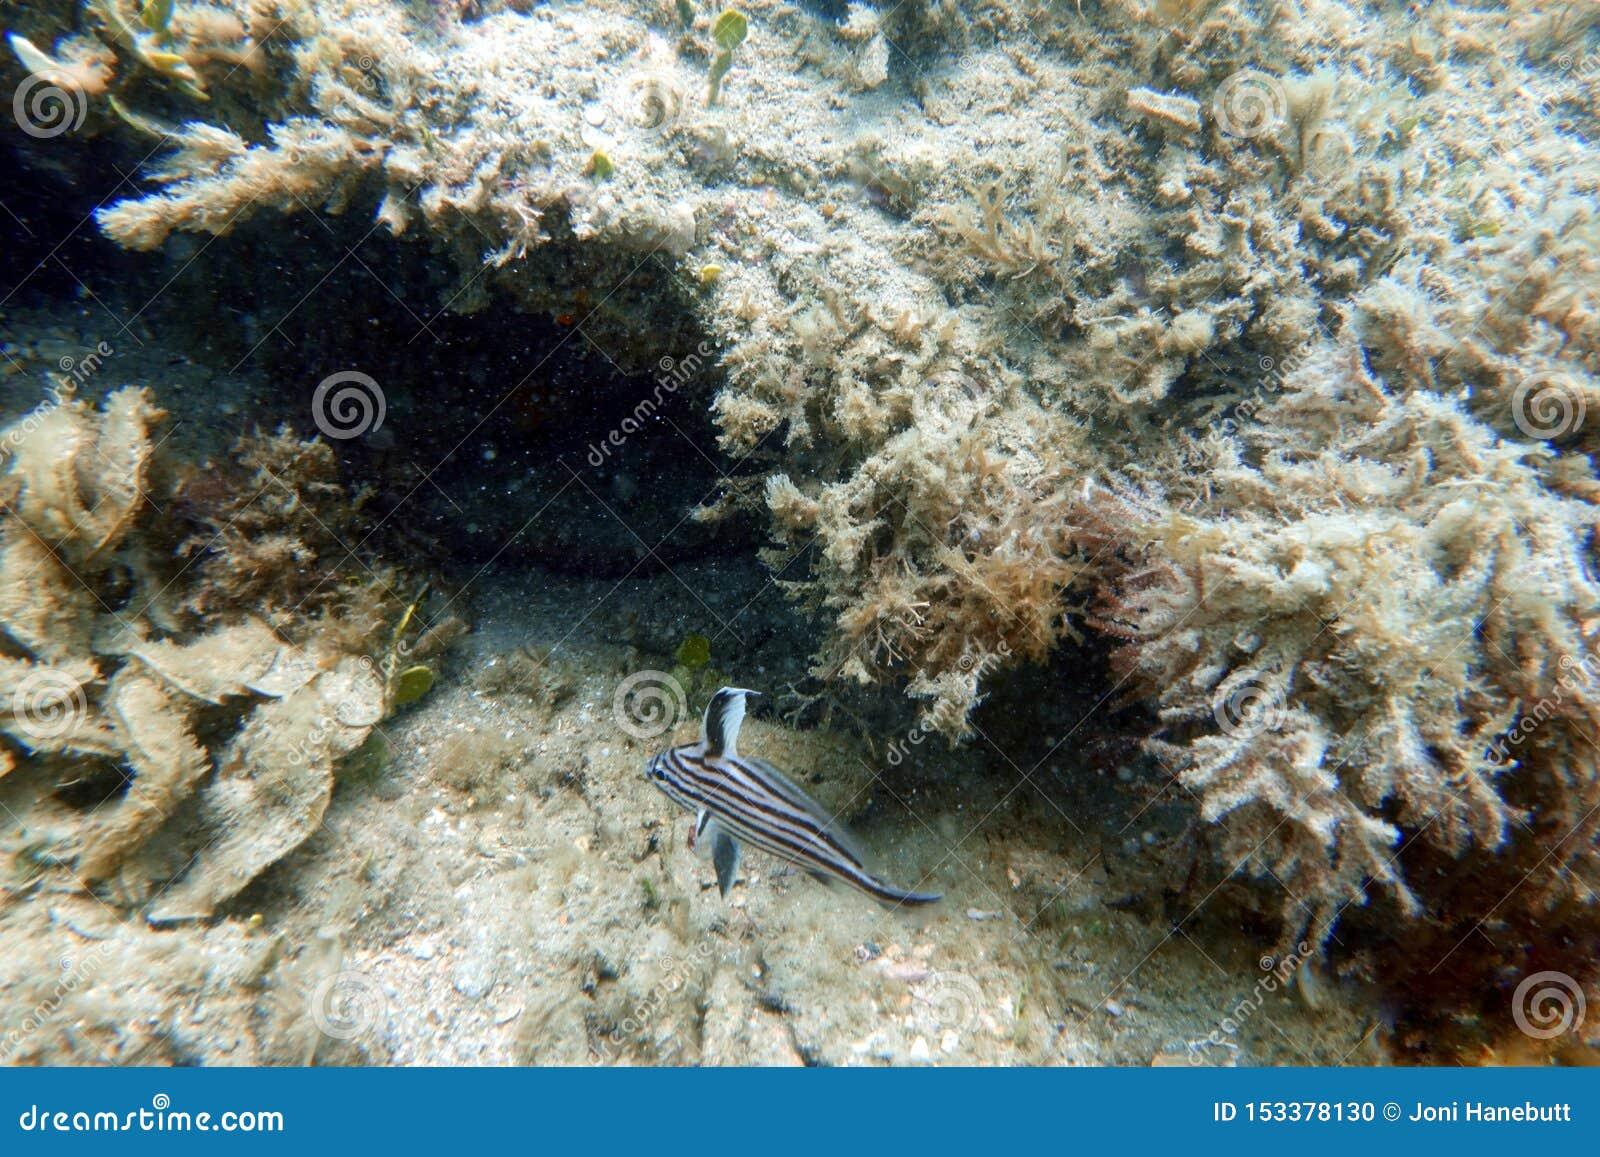 Fische des hohen Hutes, die im klaren blauen Ozean schwimmen